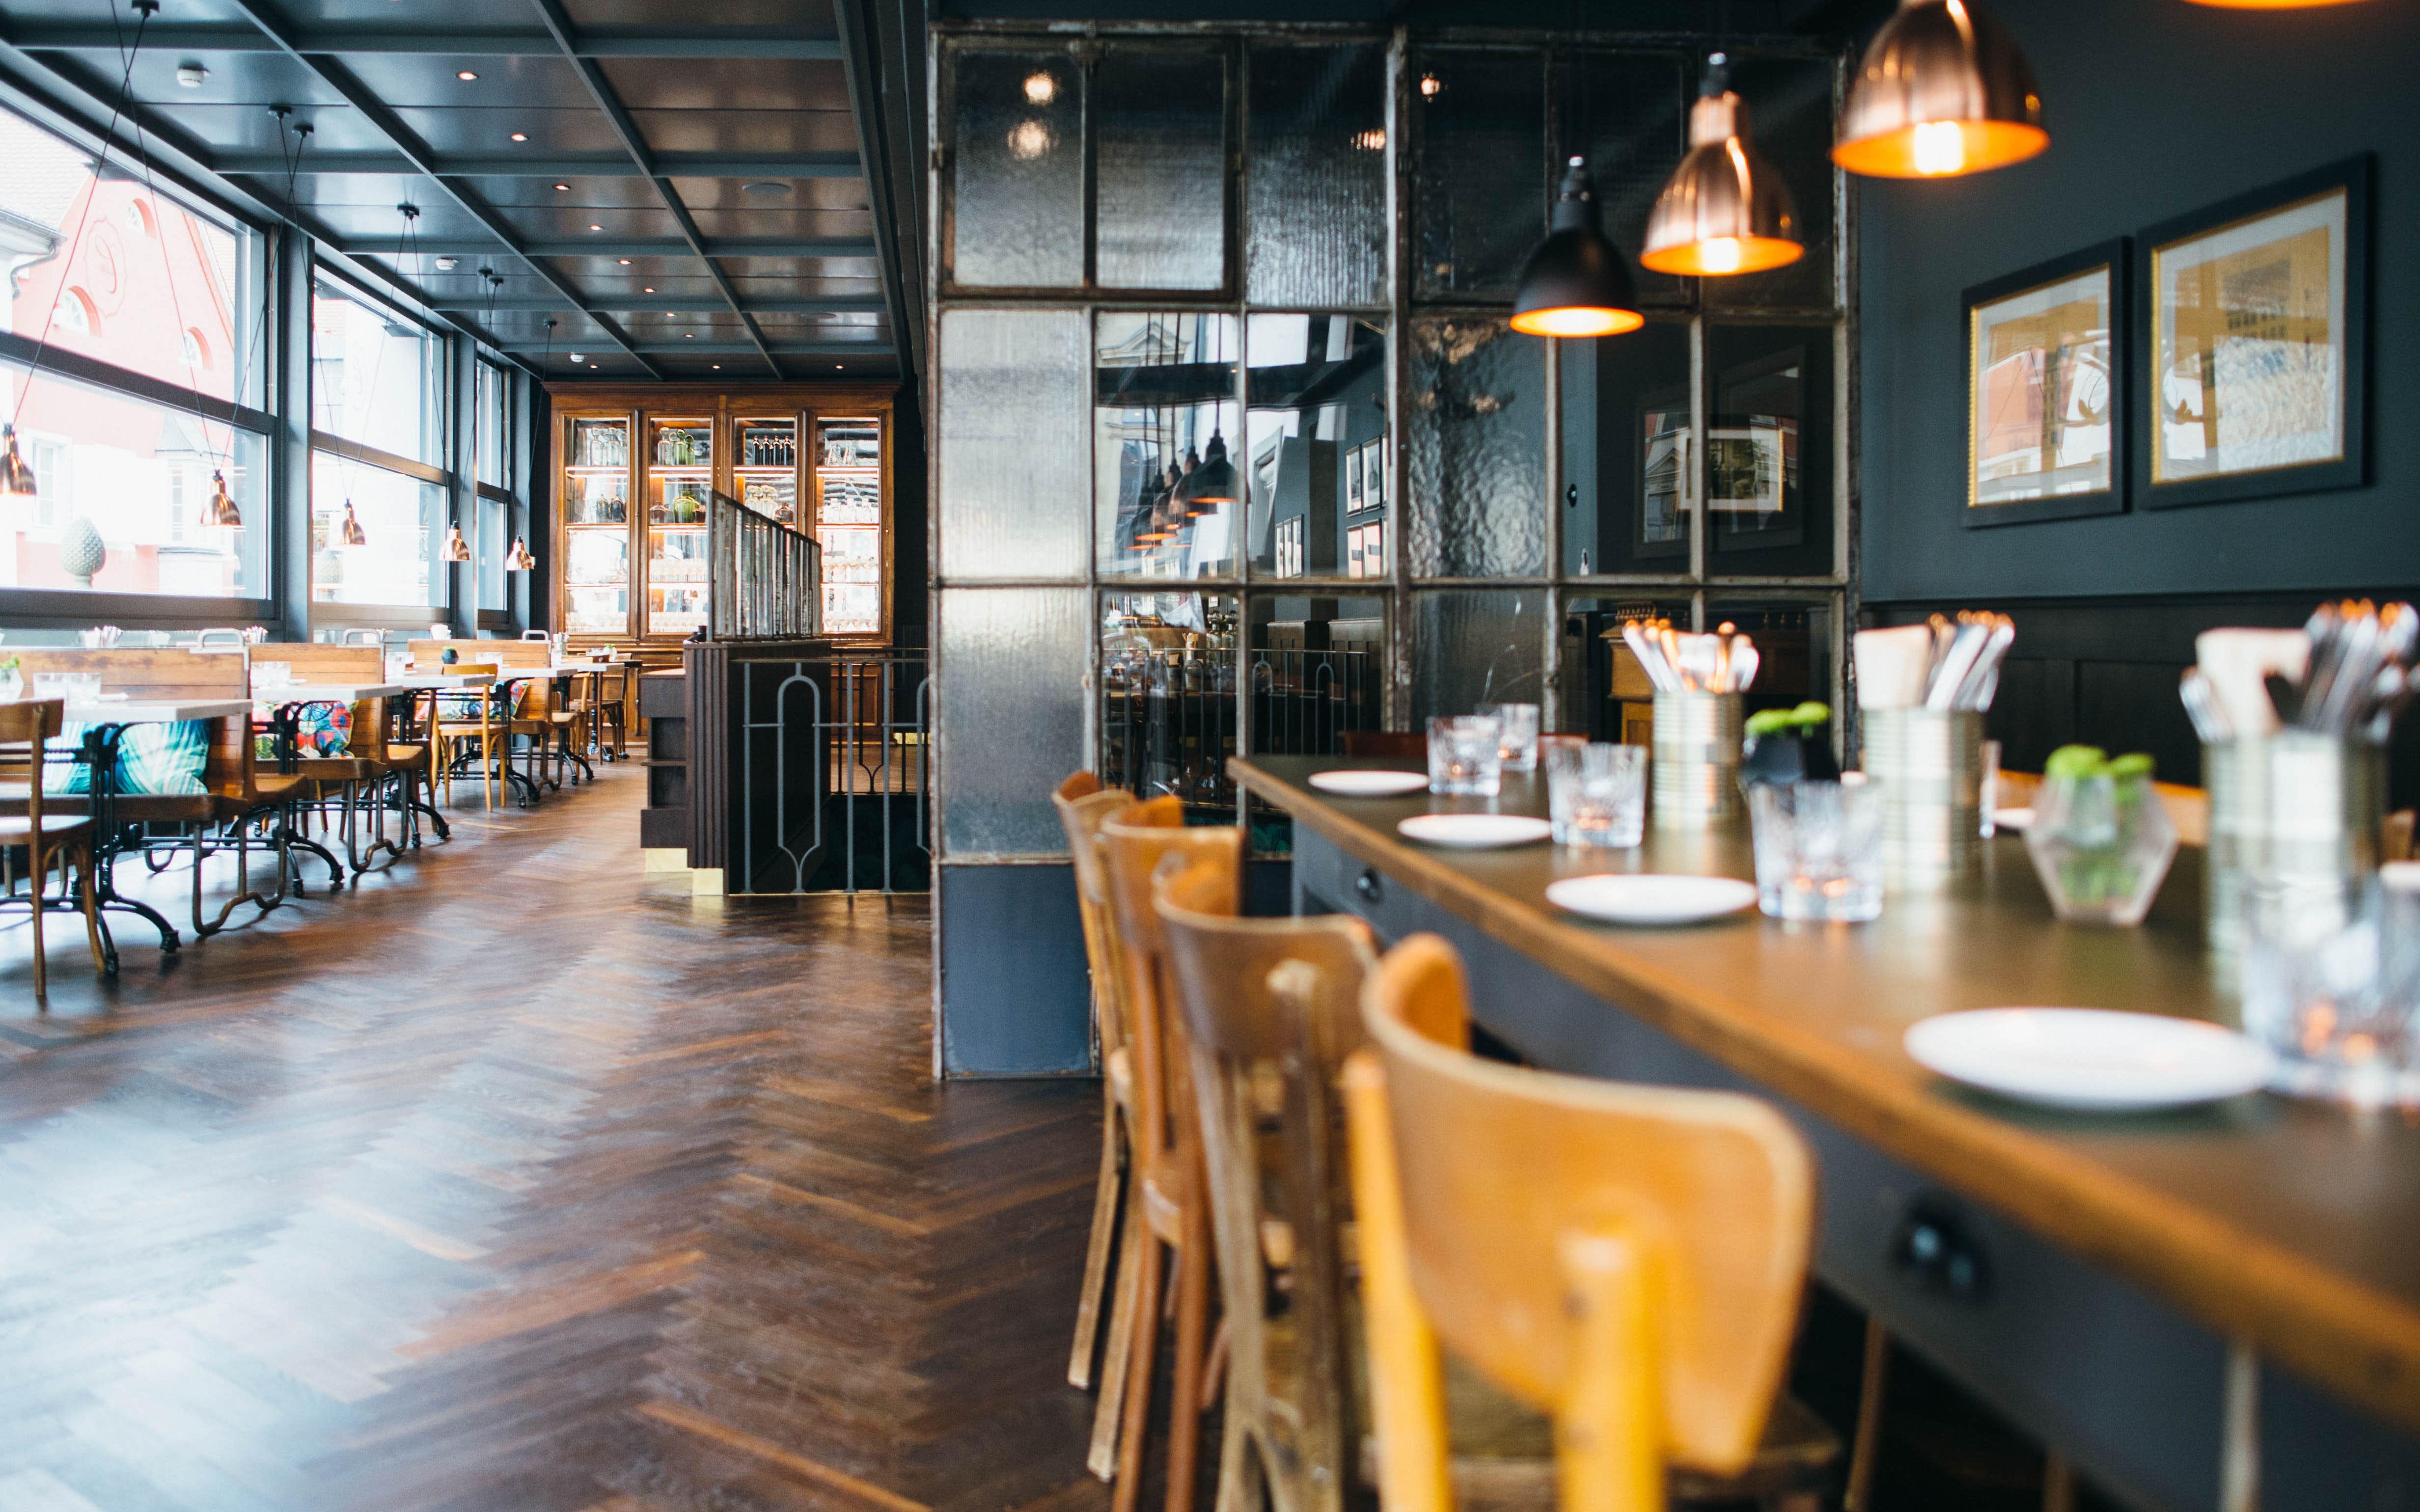 Eventlocation in Konstanz - Brasserie mit modernem französischen Flair